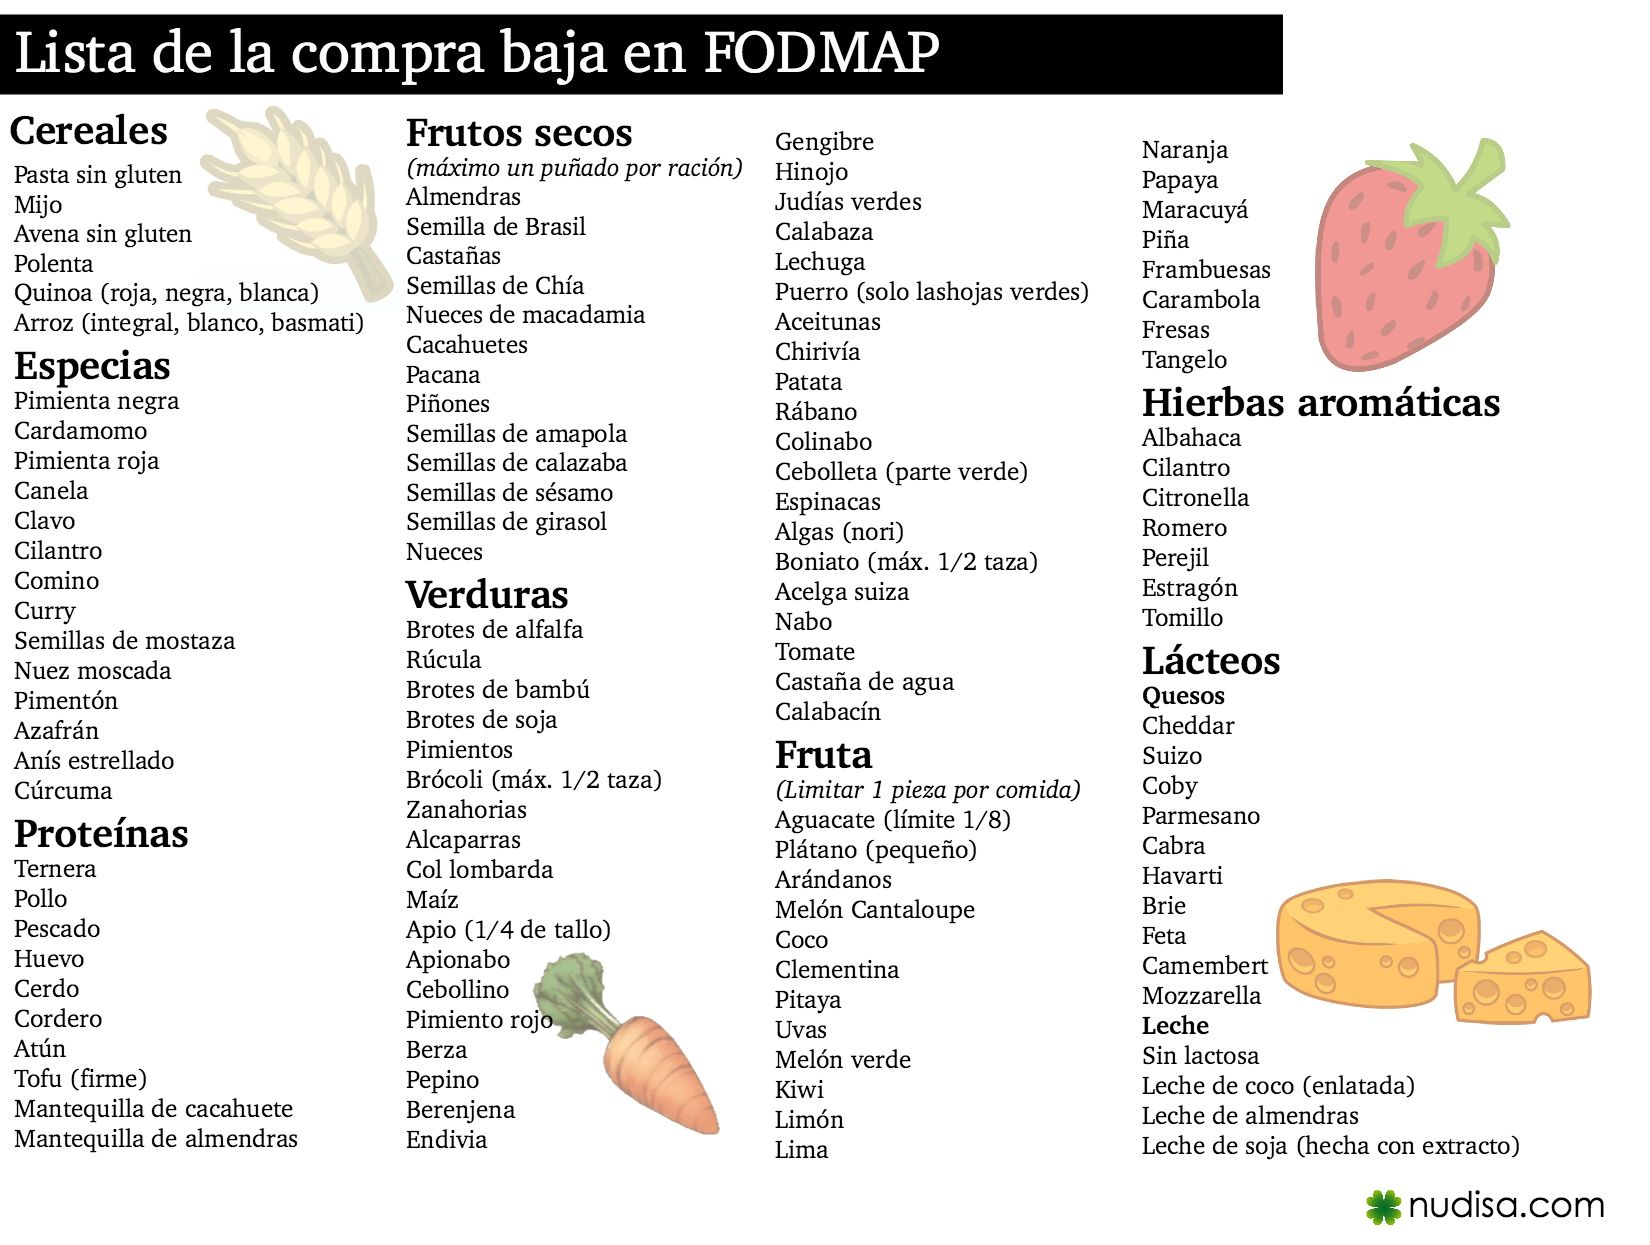 Lista de alimentos de la dieta FODMAP y consejos a seguir